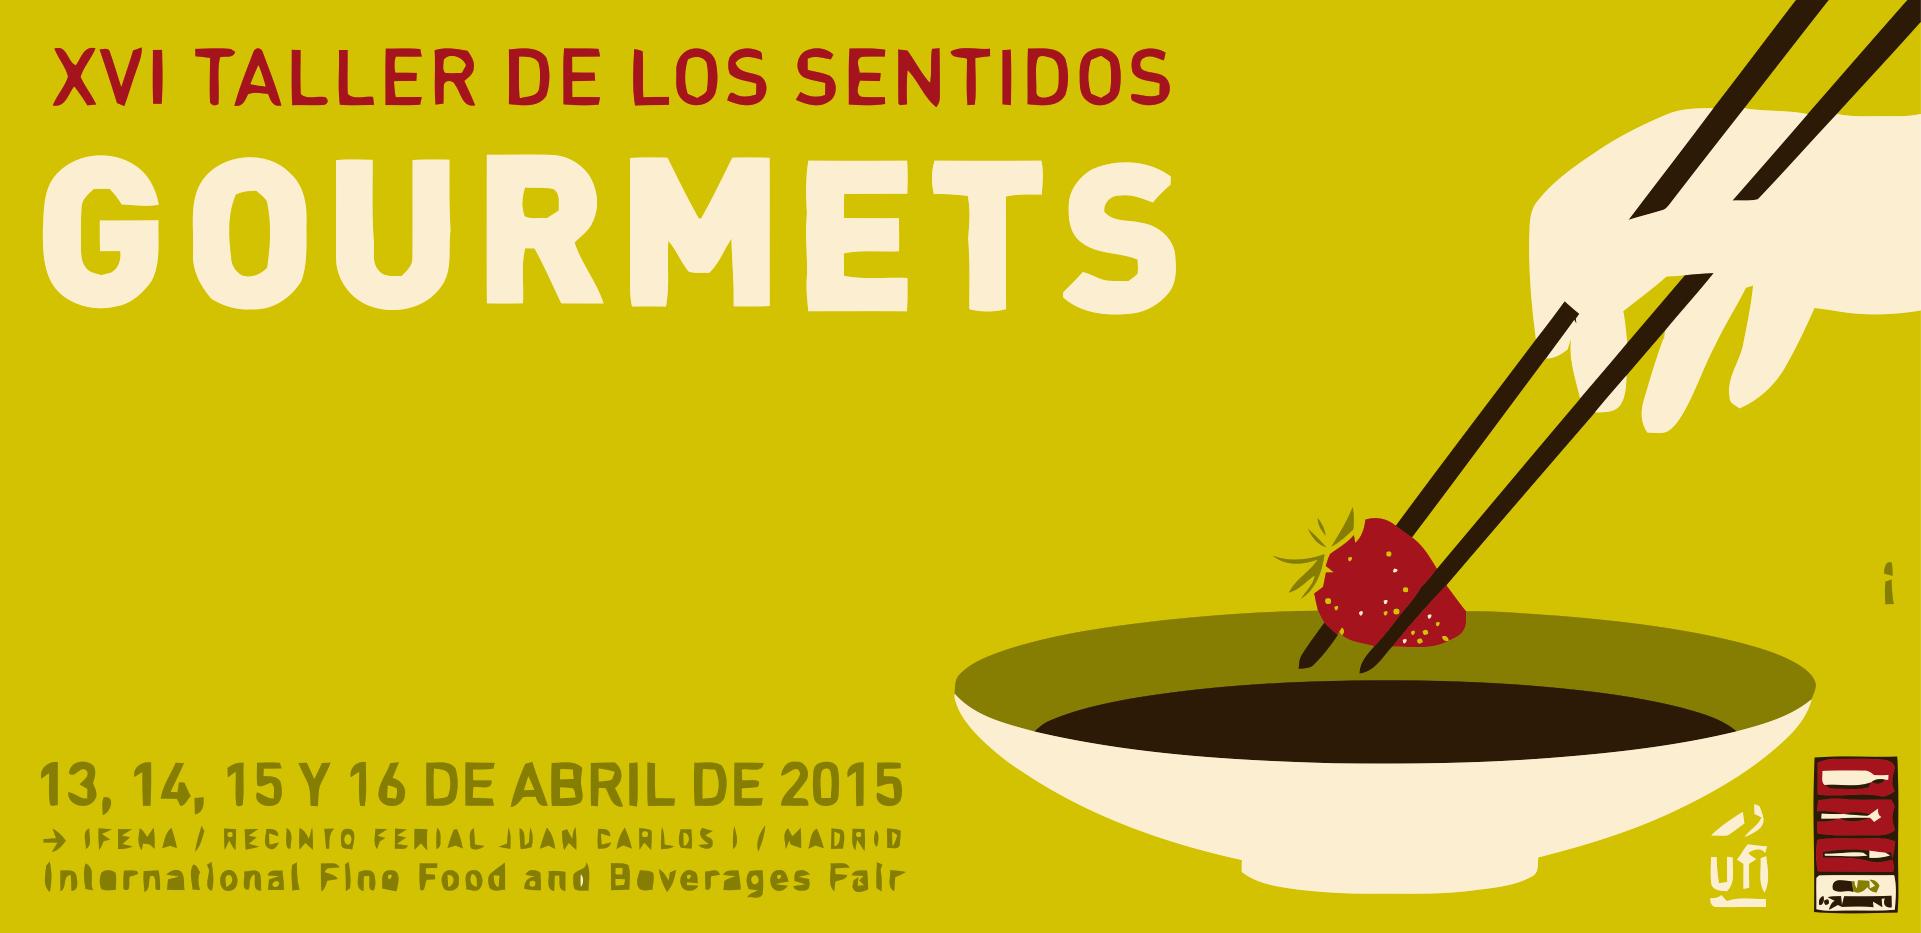 Taller de los Sentidos Gourmet 2015